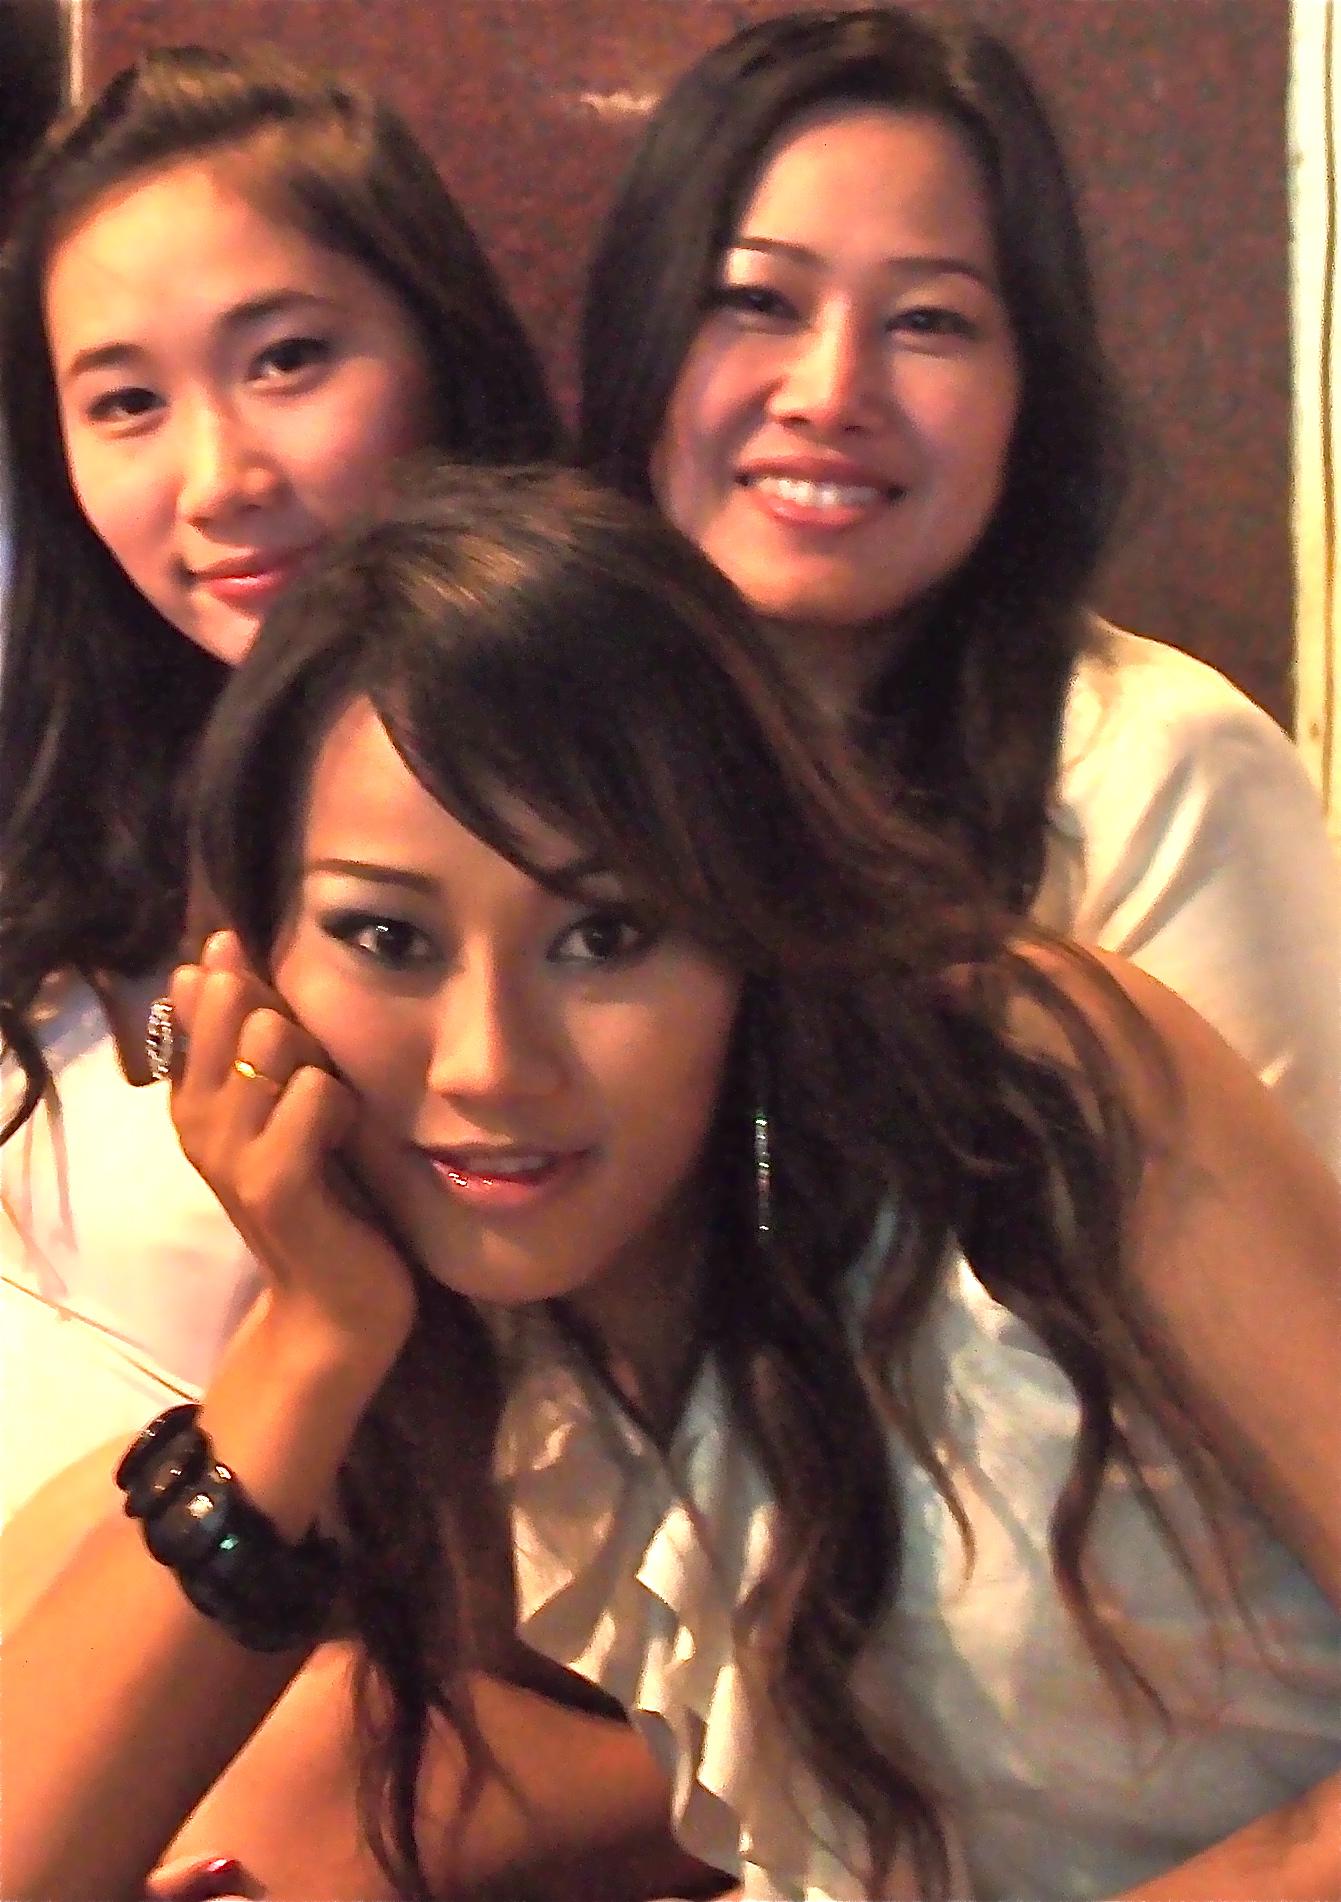 thai karlstad escort stkhlm